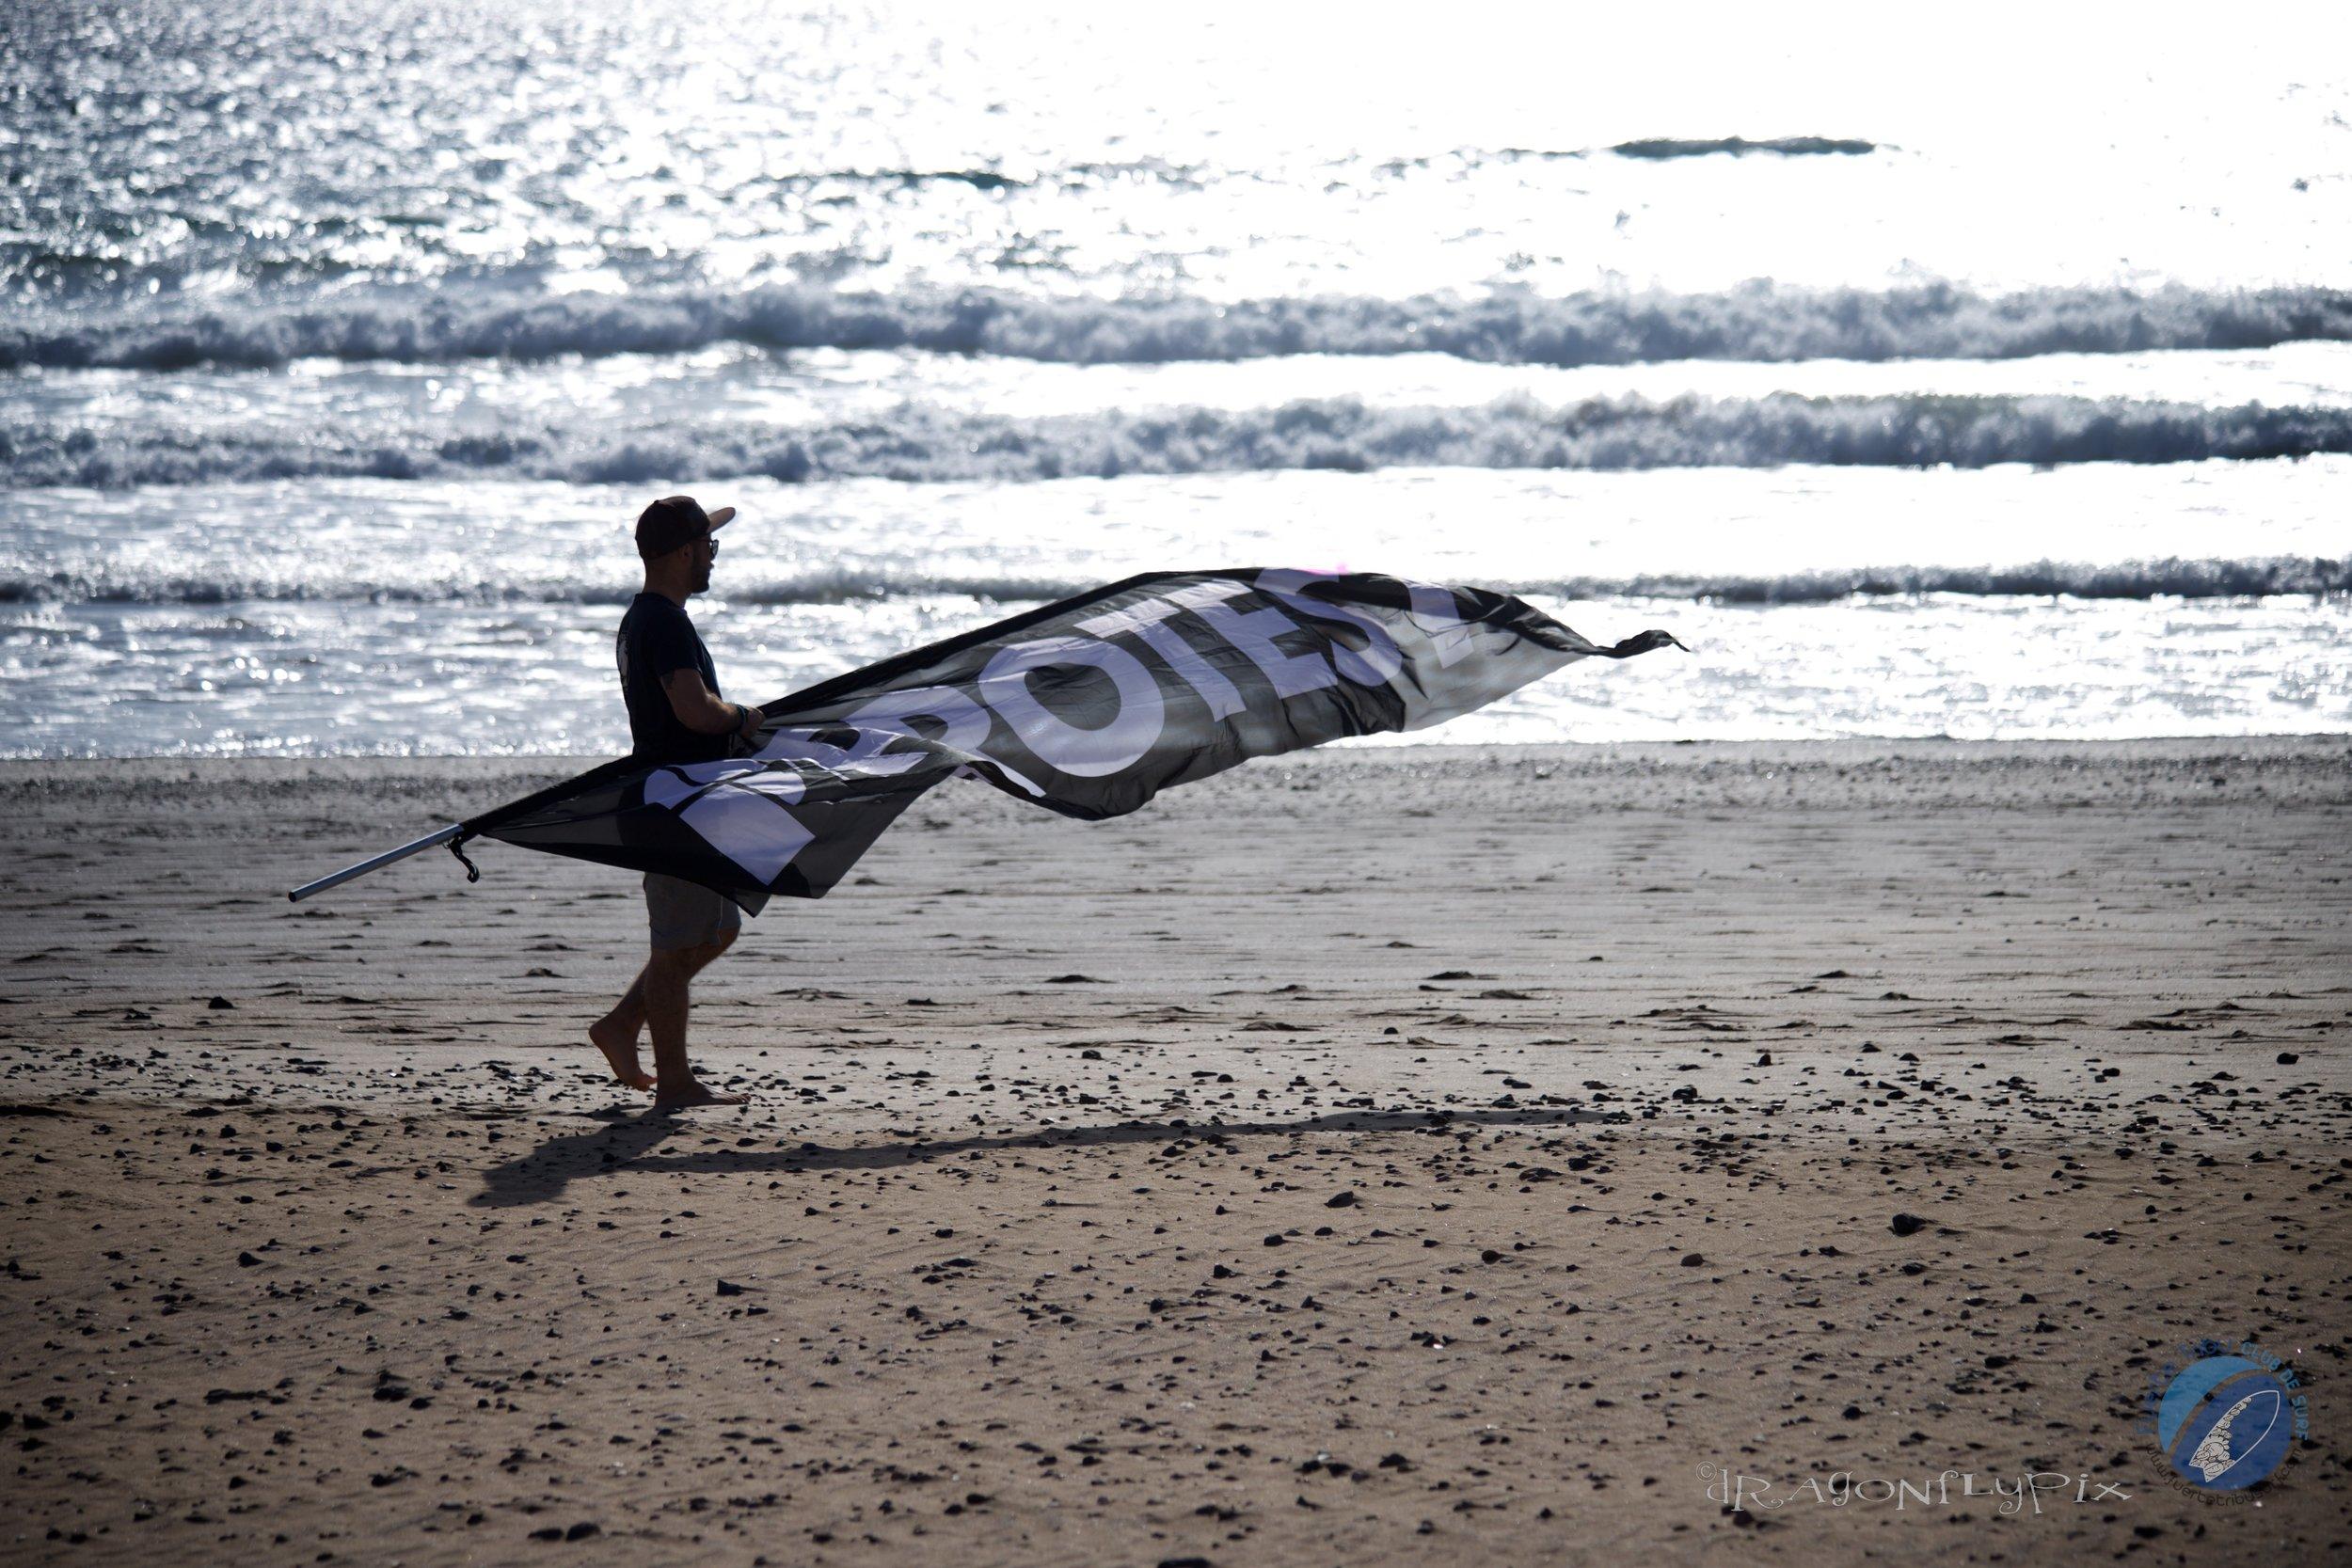 FUERTETRIBU_INTRACLUB_SURF_CAMPEONATO_KIDSIMG_0099.jpg